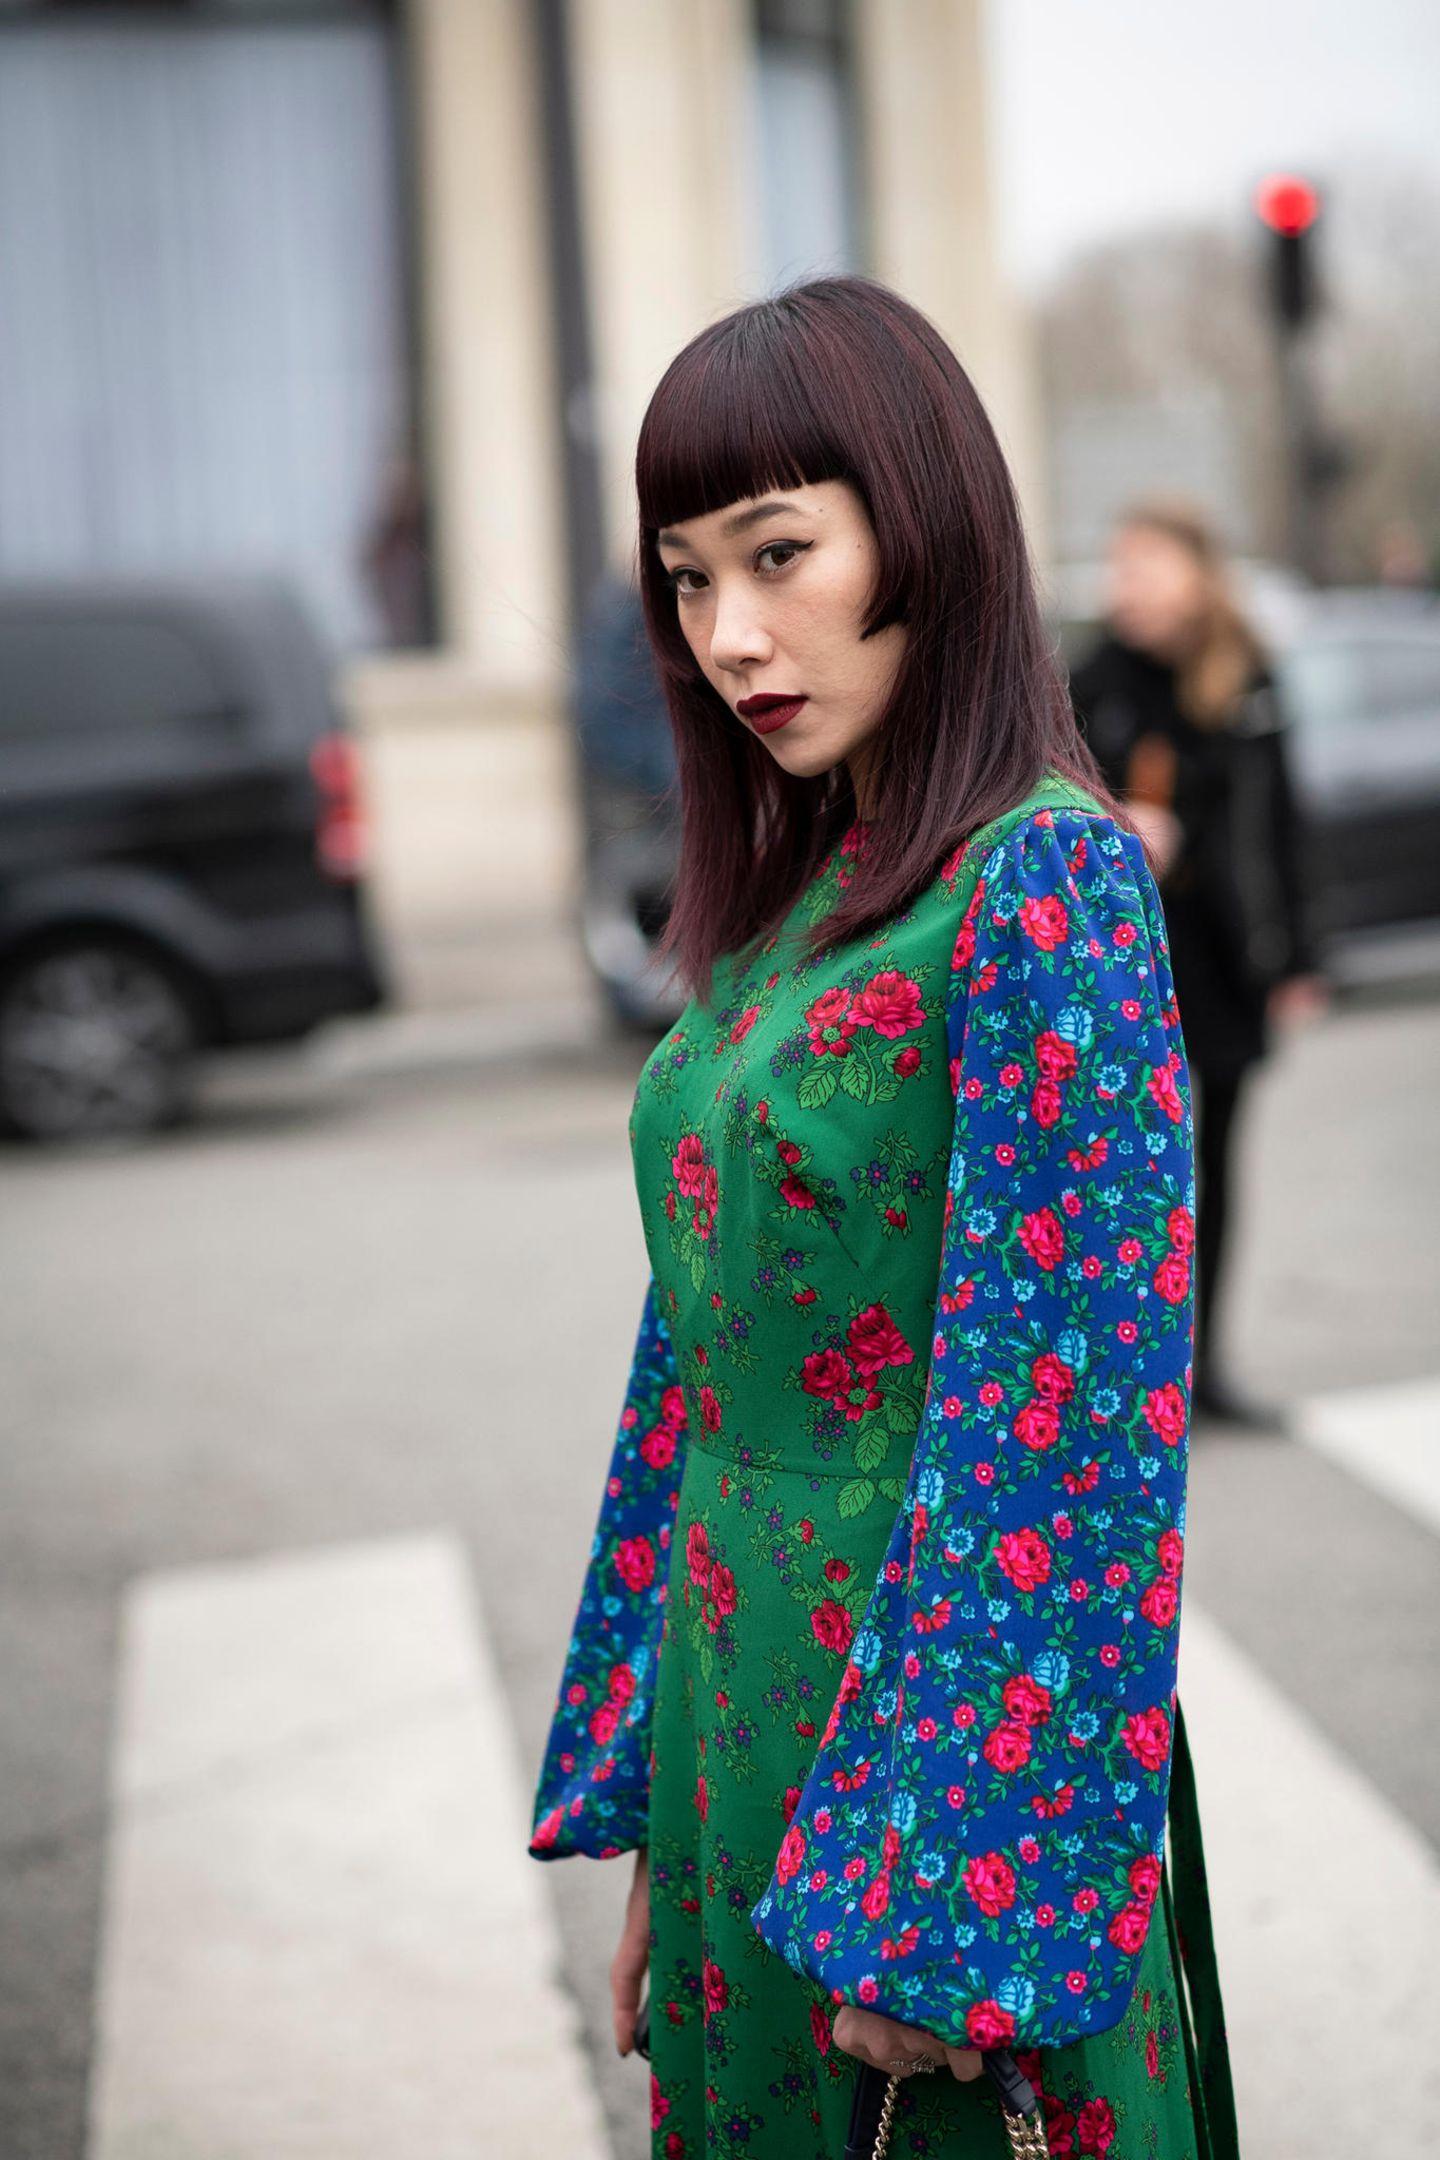 Herbst-Frisuren: Frau mit buntem Kleid und auberginefarbenen Haaren